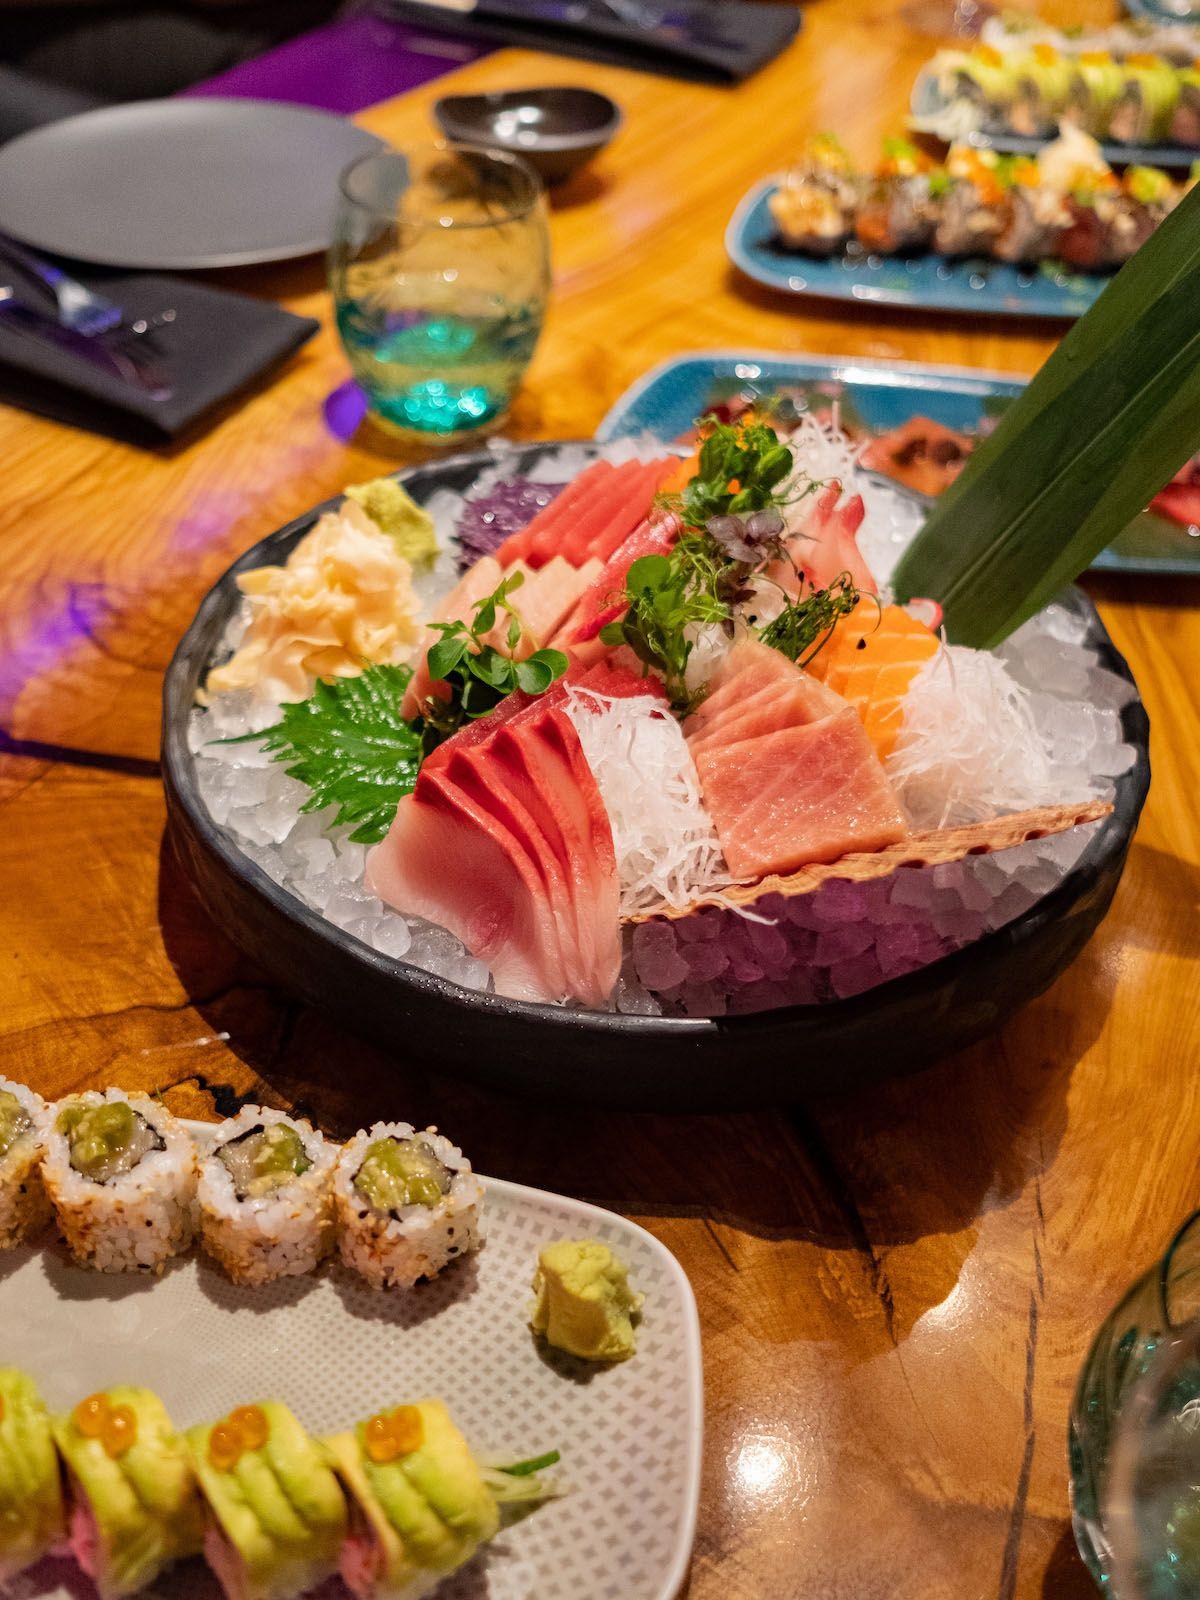 Foodblog, About Fuel, Leckerbissen, The Catch Berlin, Sashimi, Fisch, Sushi, Rolls, Roher Fisch